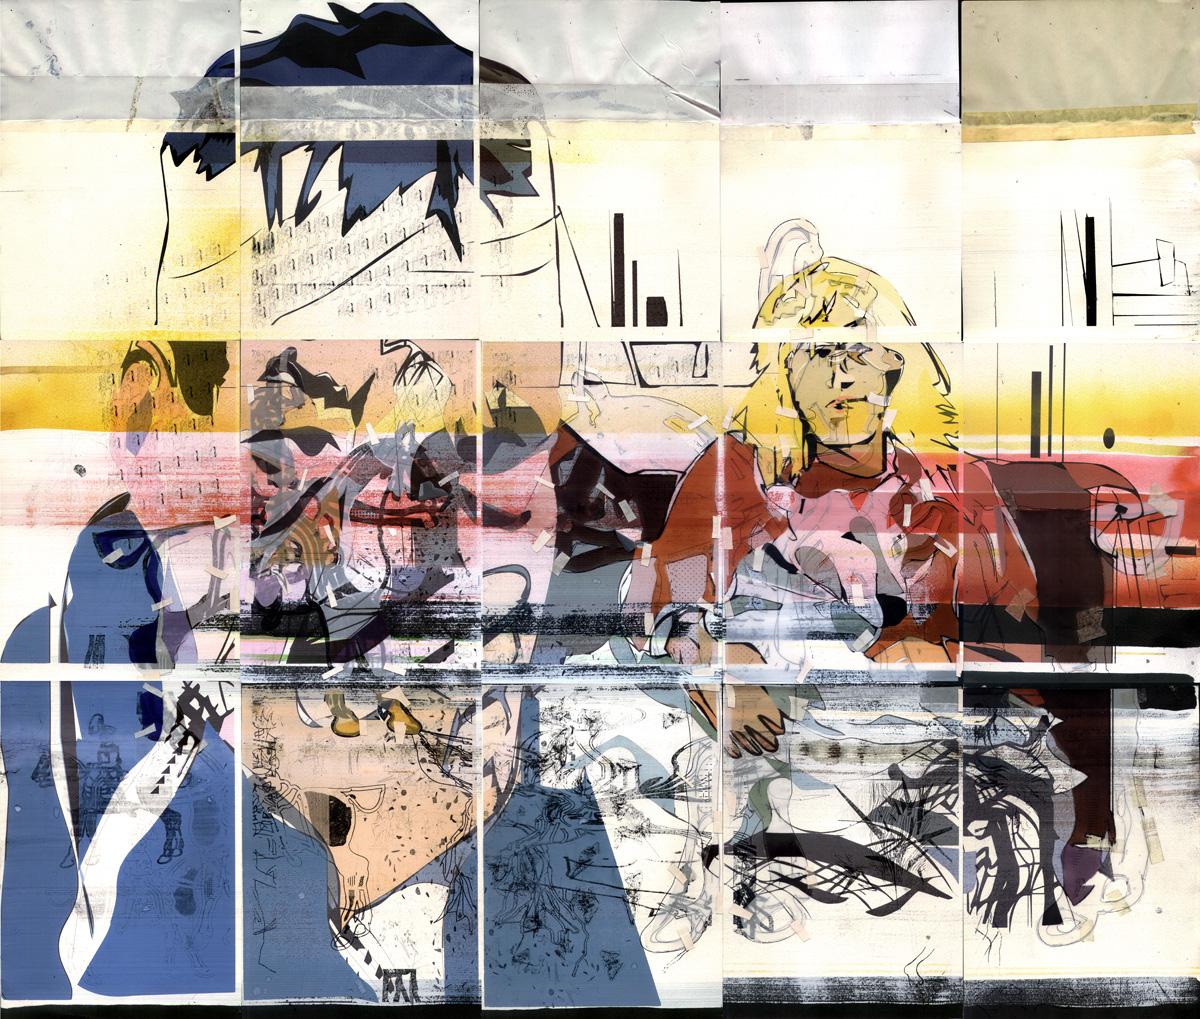 2002 Nudo WeAreColdStars paper AndreasGehlen - Ñudo - Wir sind kalte Sterne